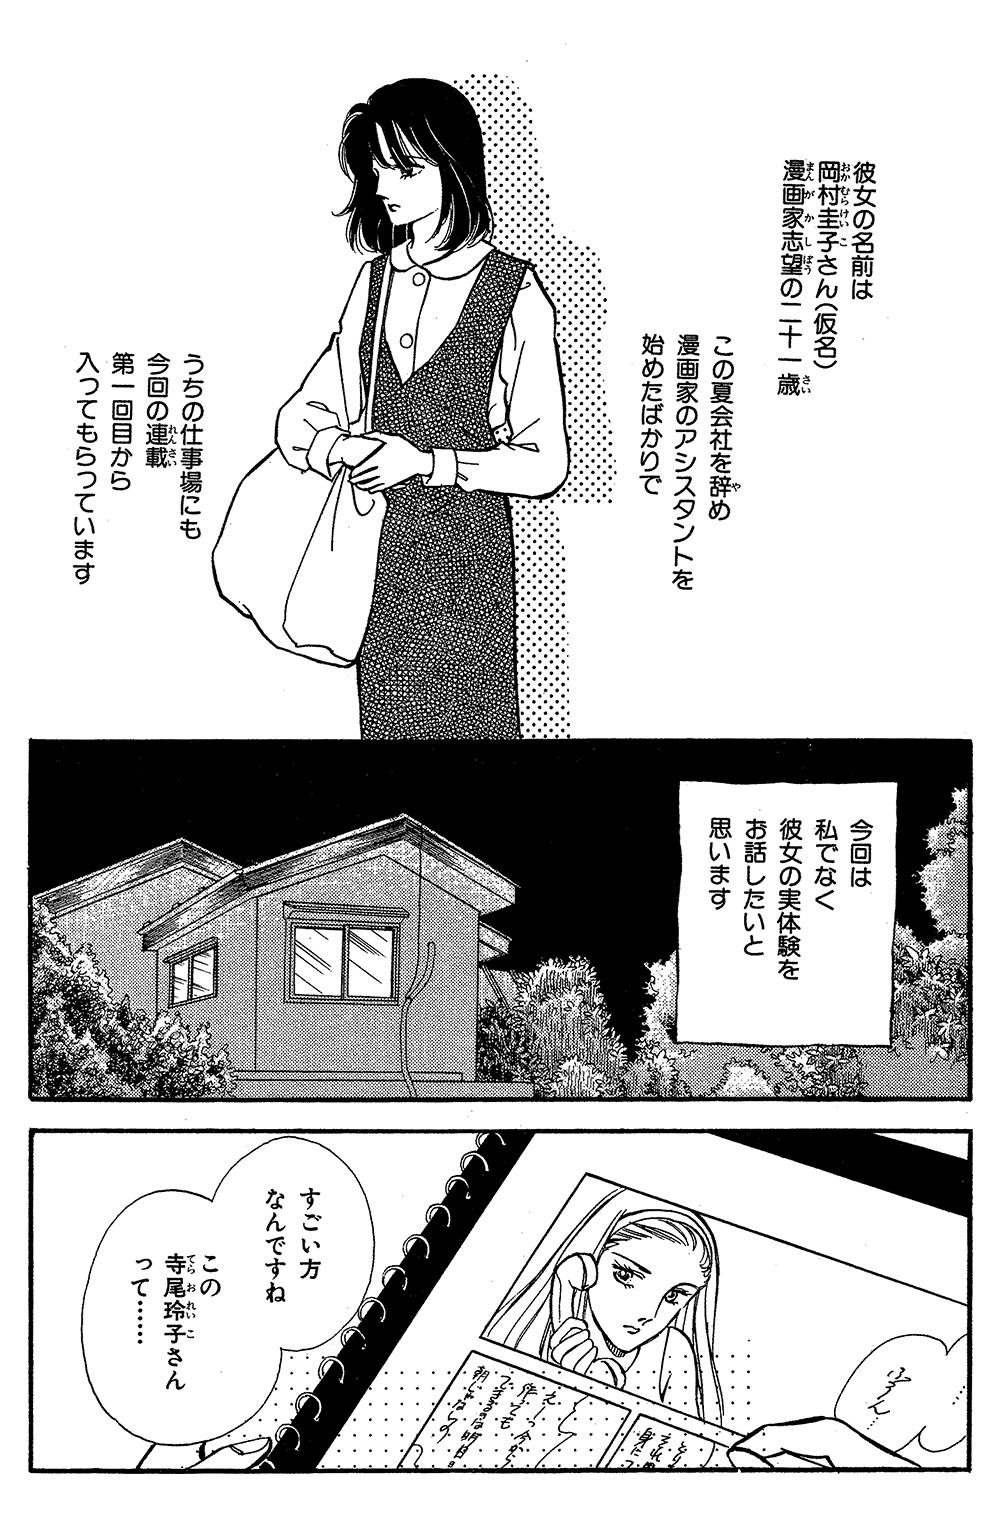 魔百合の恐怖報告  第2話「消えた黒猫」①mayuri07-02.jpg